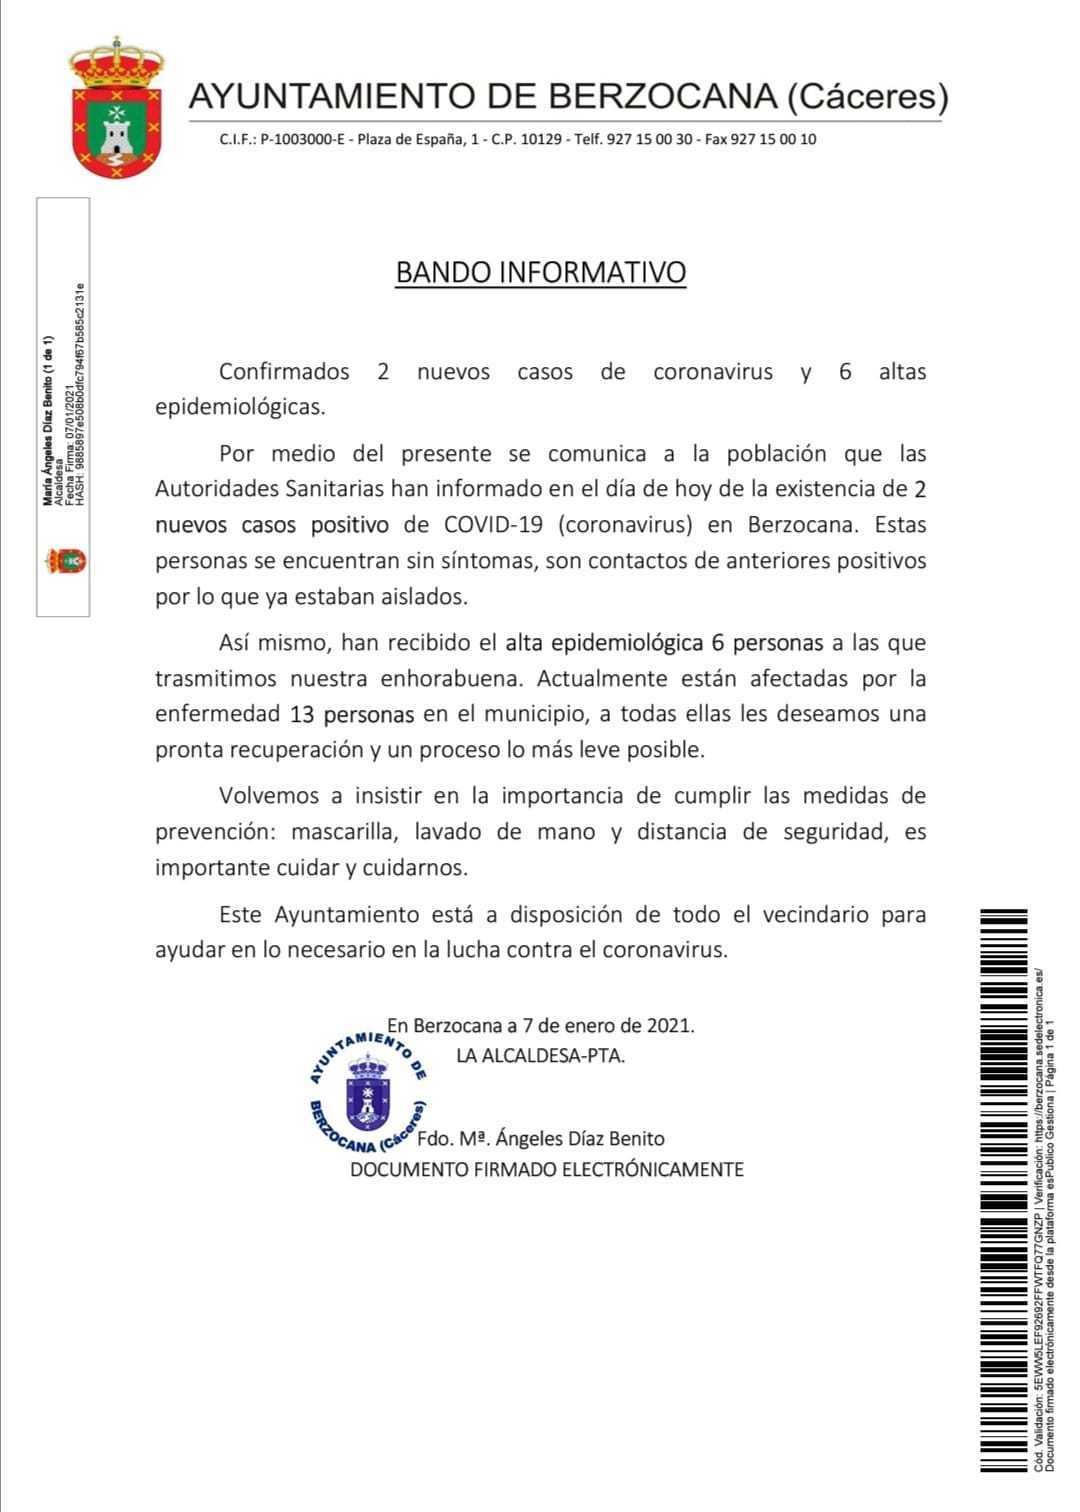 2 nuevos casos positivos de COVID-19 (enero 2021) - Berzocana (Cáceres)